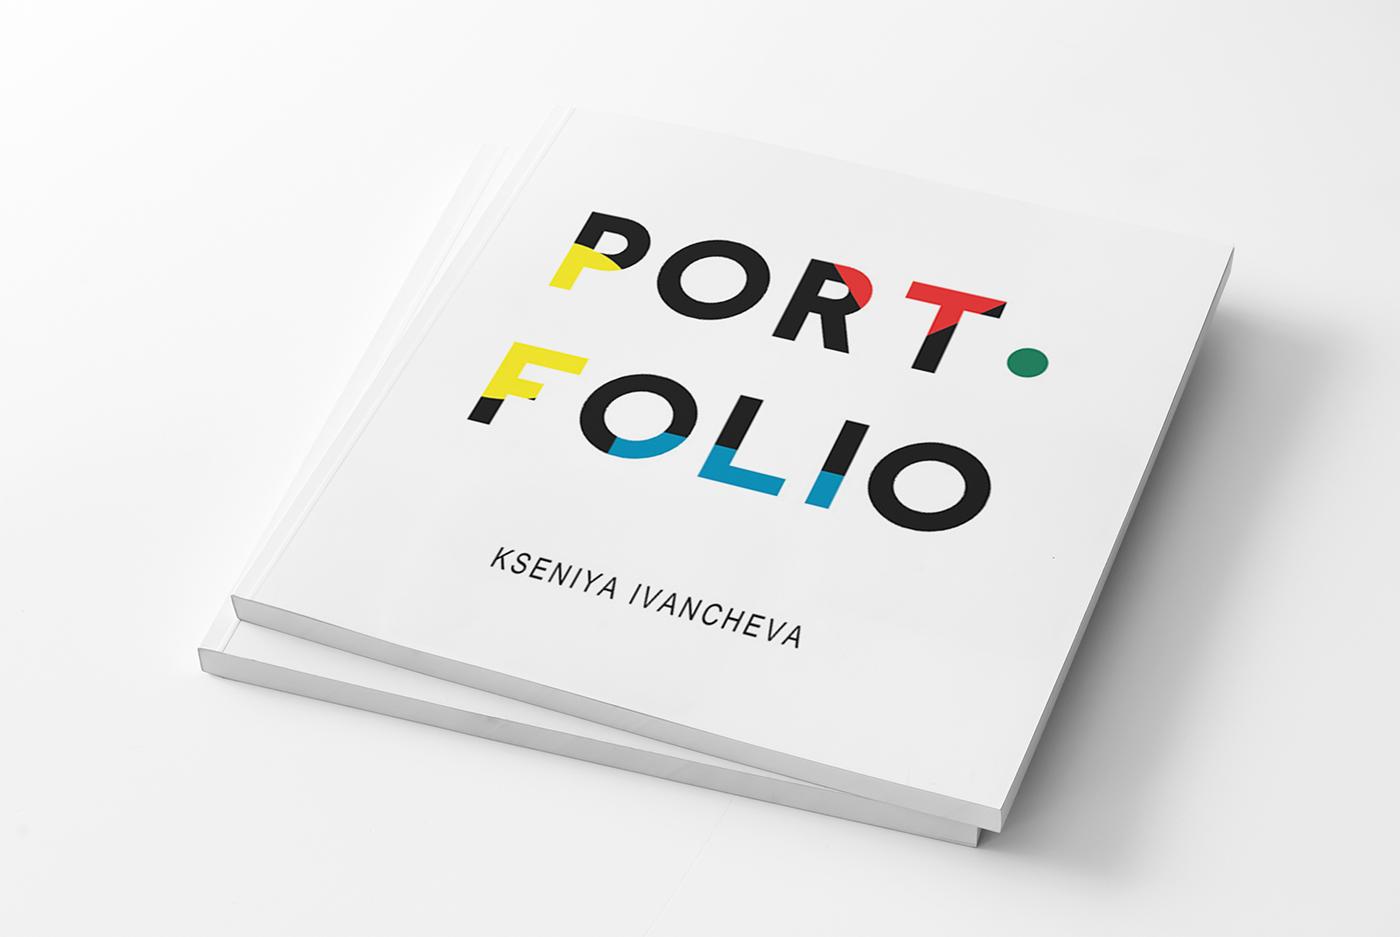 Port Folie - www.lh-foto.dk